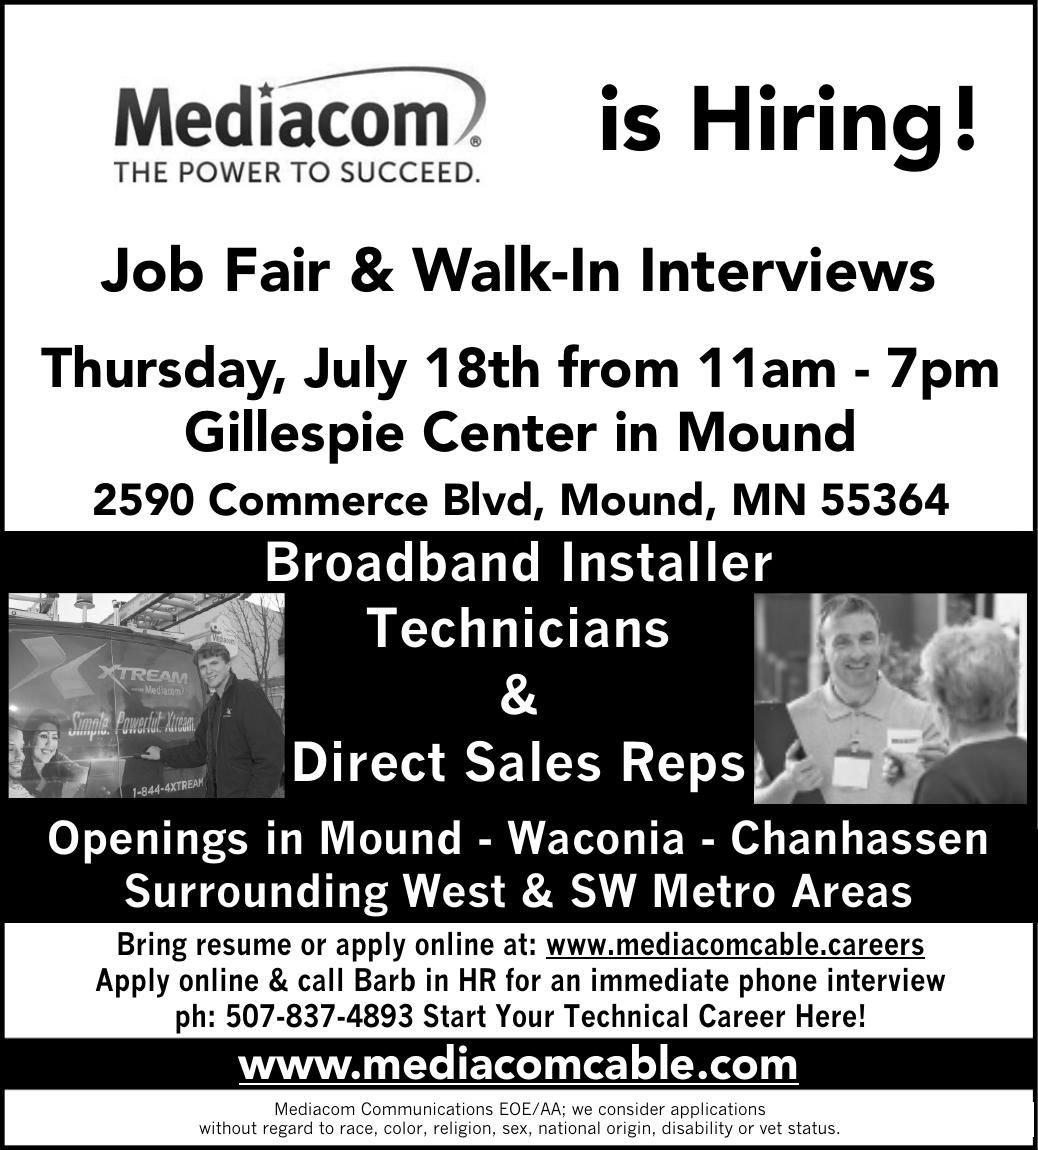 Job Fair - July 18 - Gillespie Center in Mound